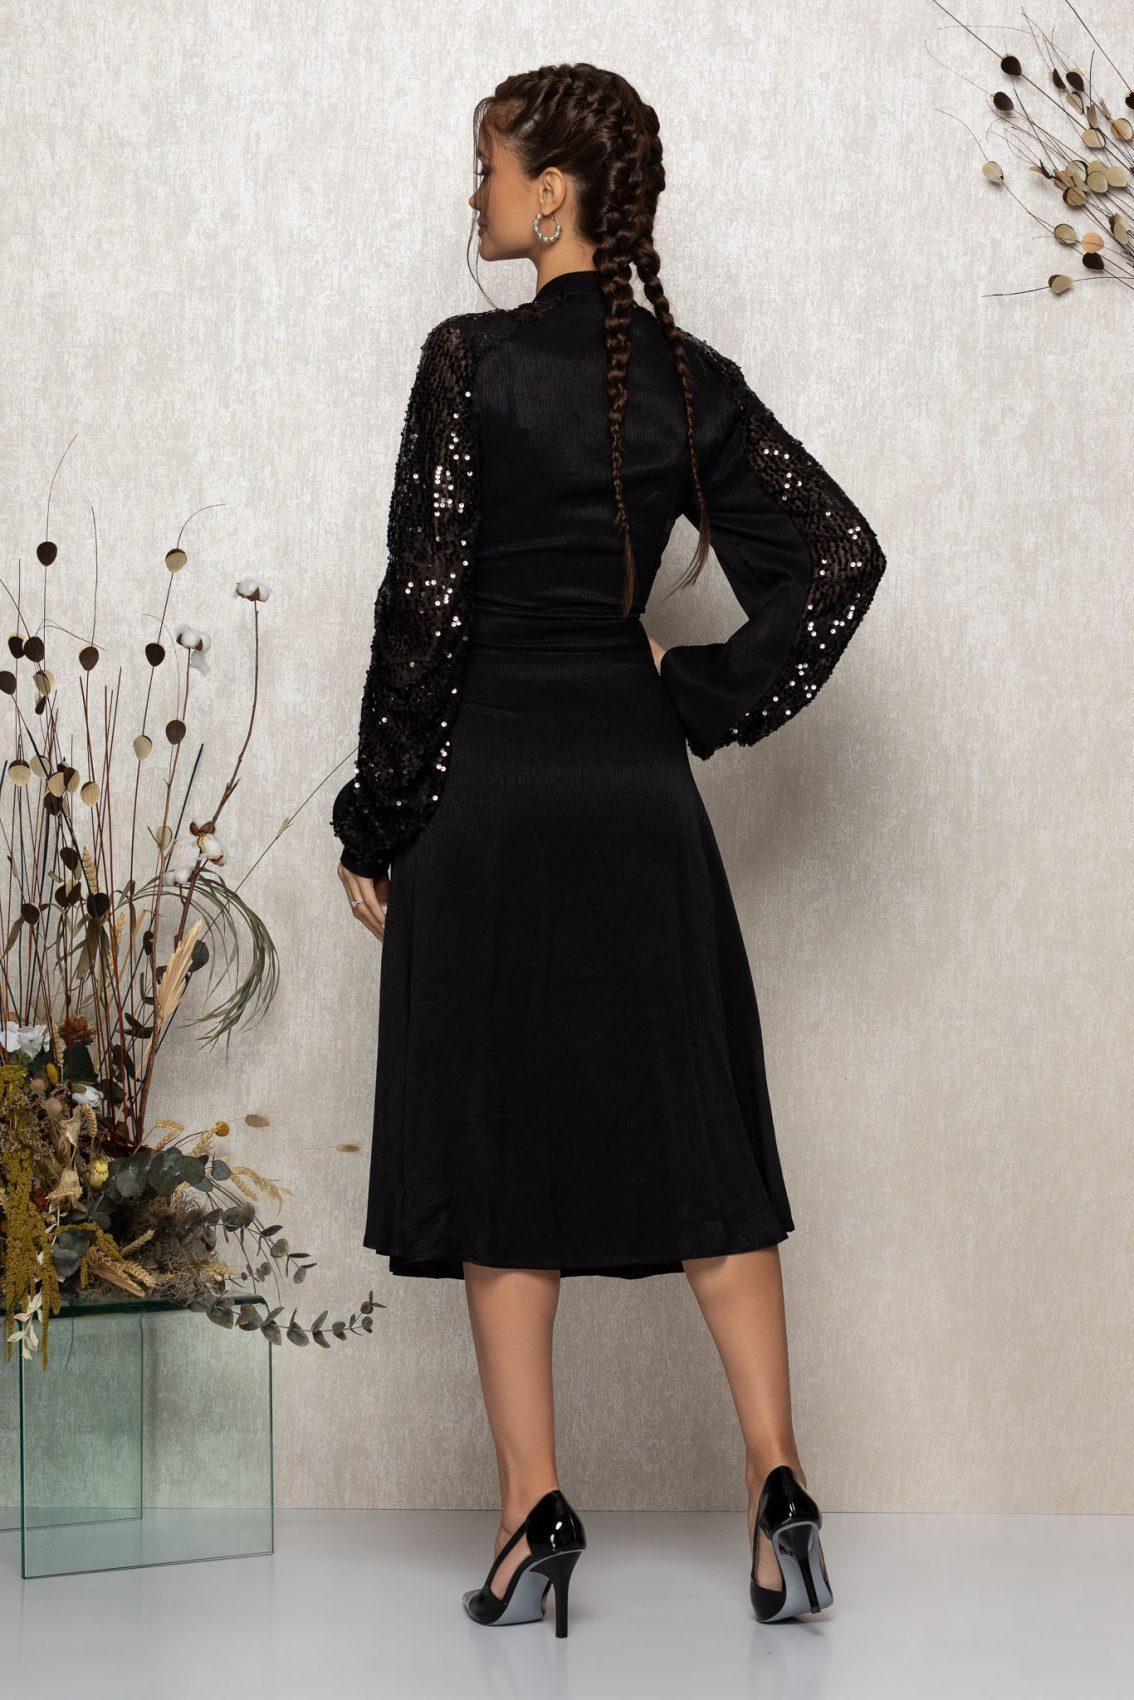 Μαύρο Μίντι Βραδινό Φόρεμα Με Φιόγκο Lovely T345 2